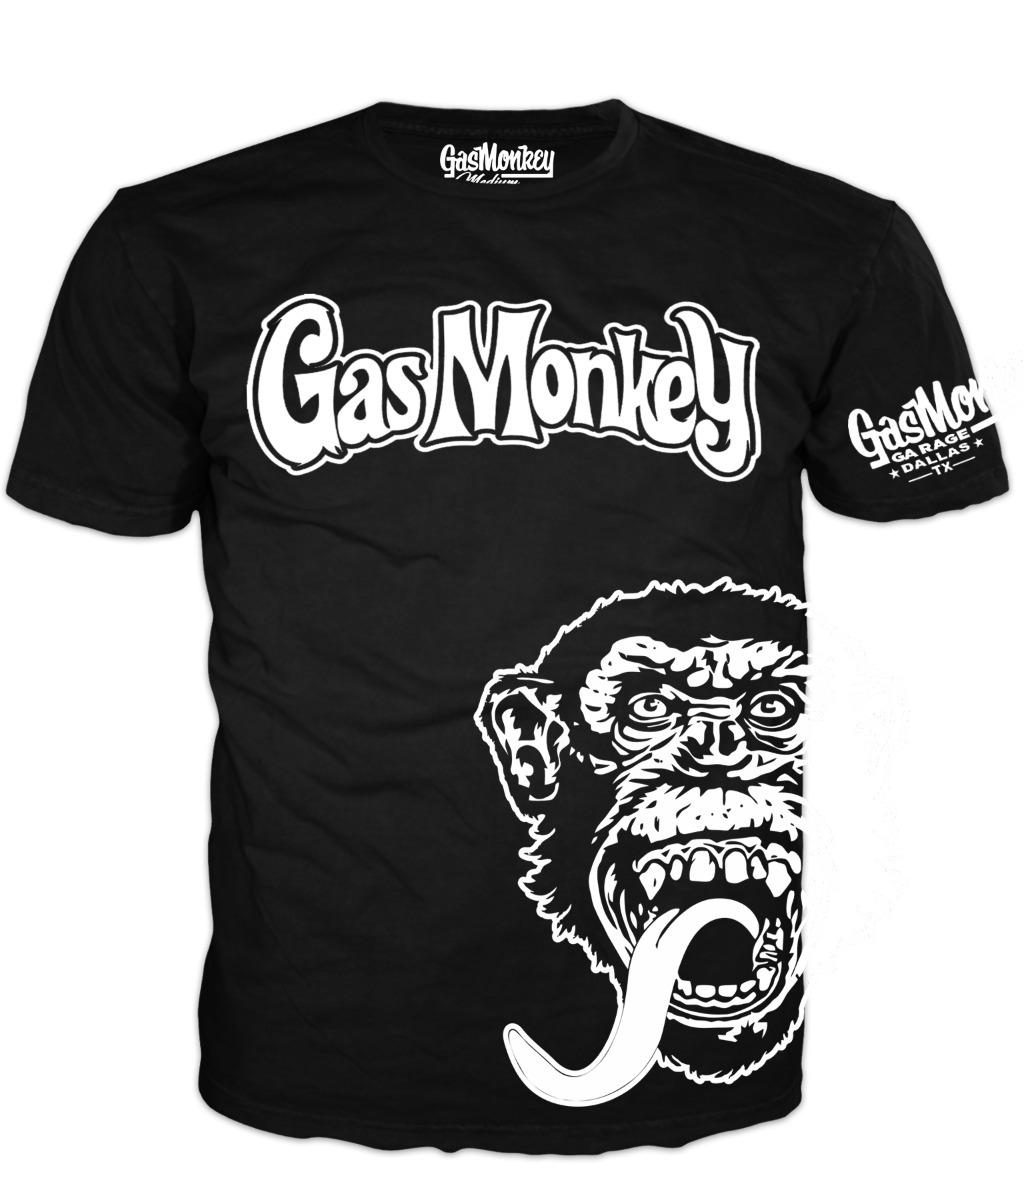 Gas Monky: Gas Monkey Garaje Playera Mod Siete Richard Rawlings